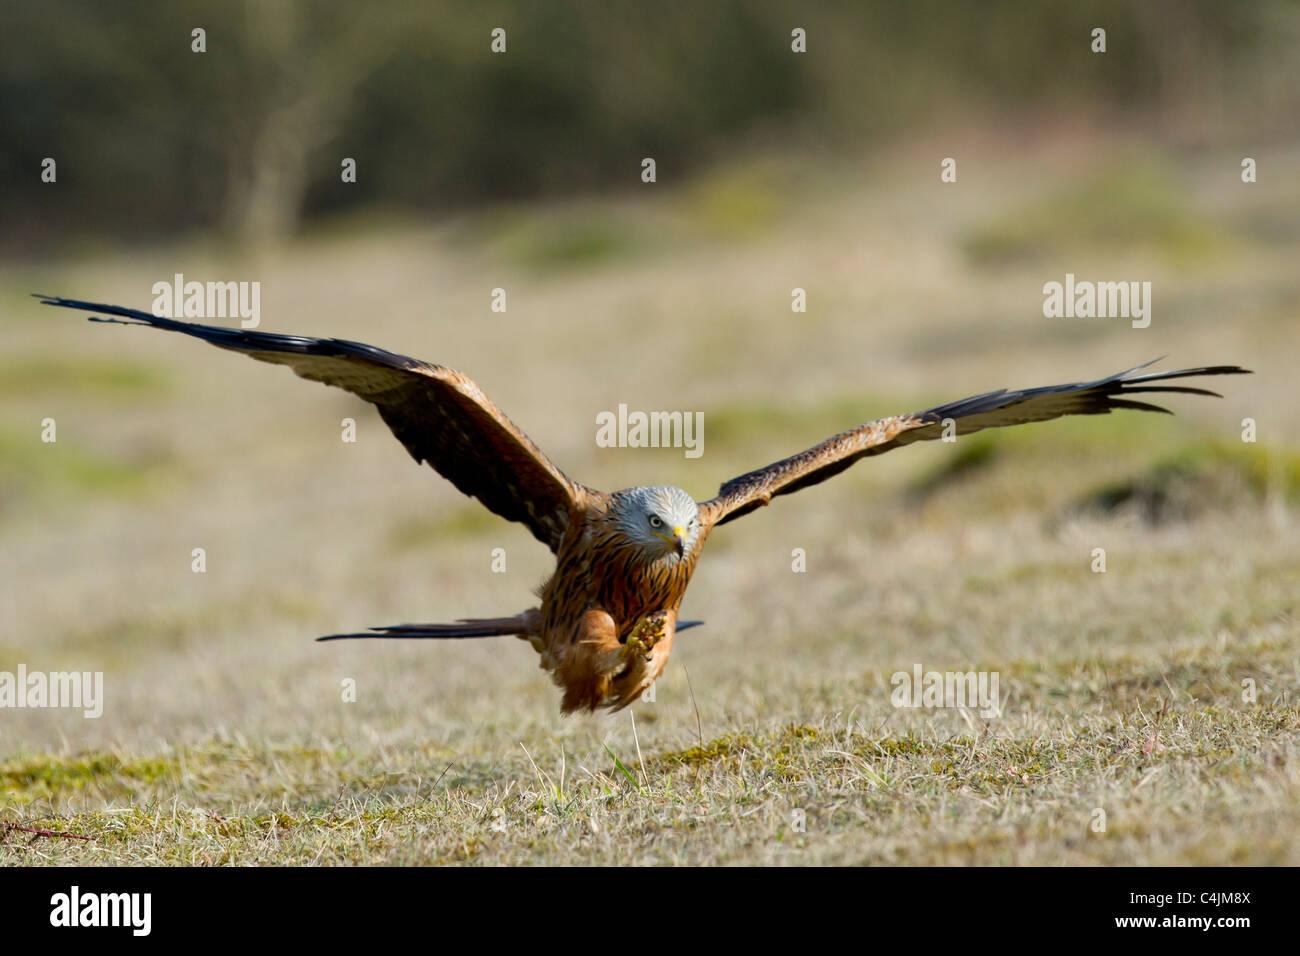 Red Kite, Milvus milvus, Accipitridae - Stock Image